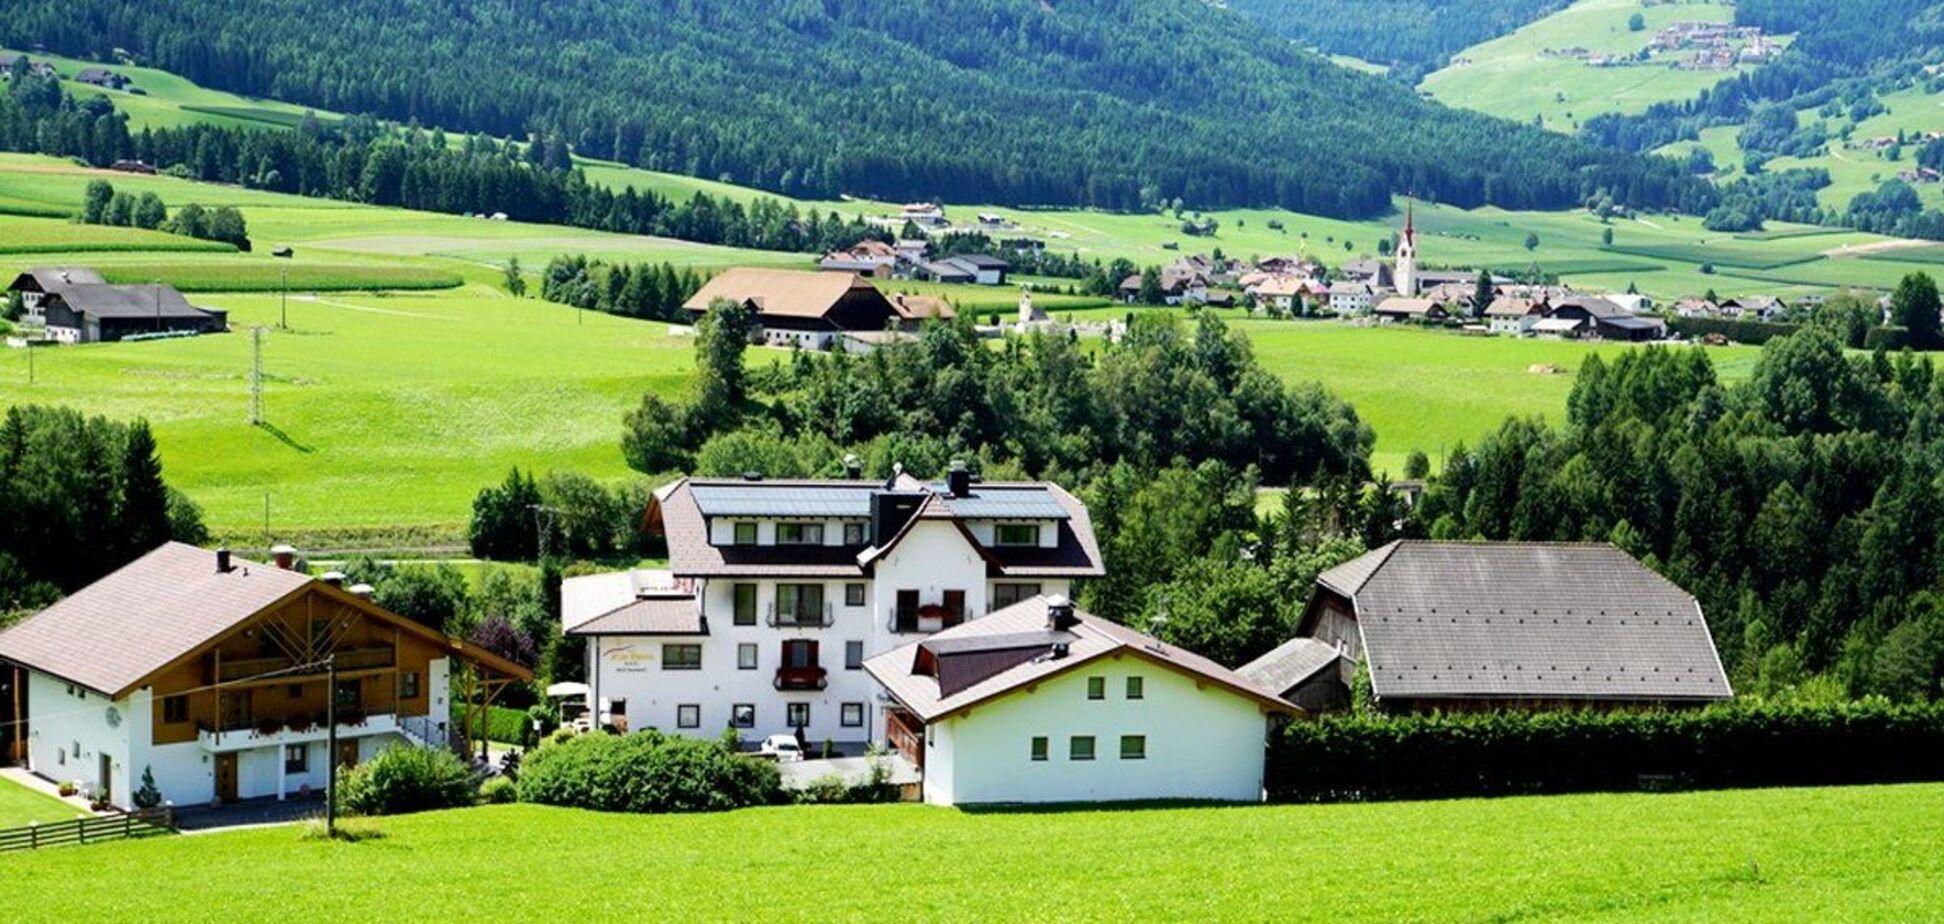 В італійському селі туристи можуть безкоштовно переночувати в старих будинках